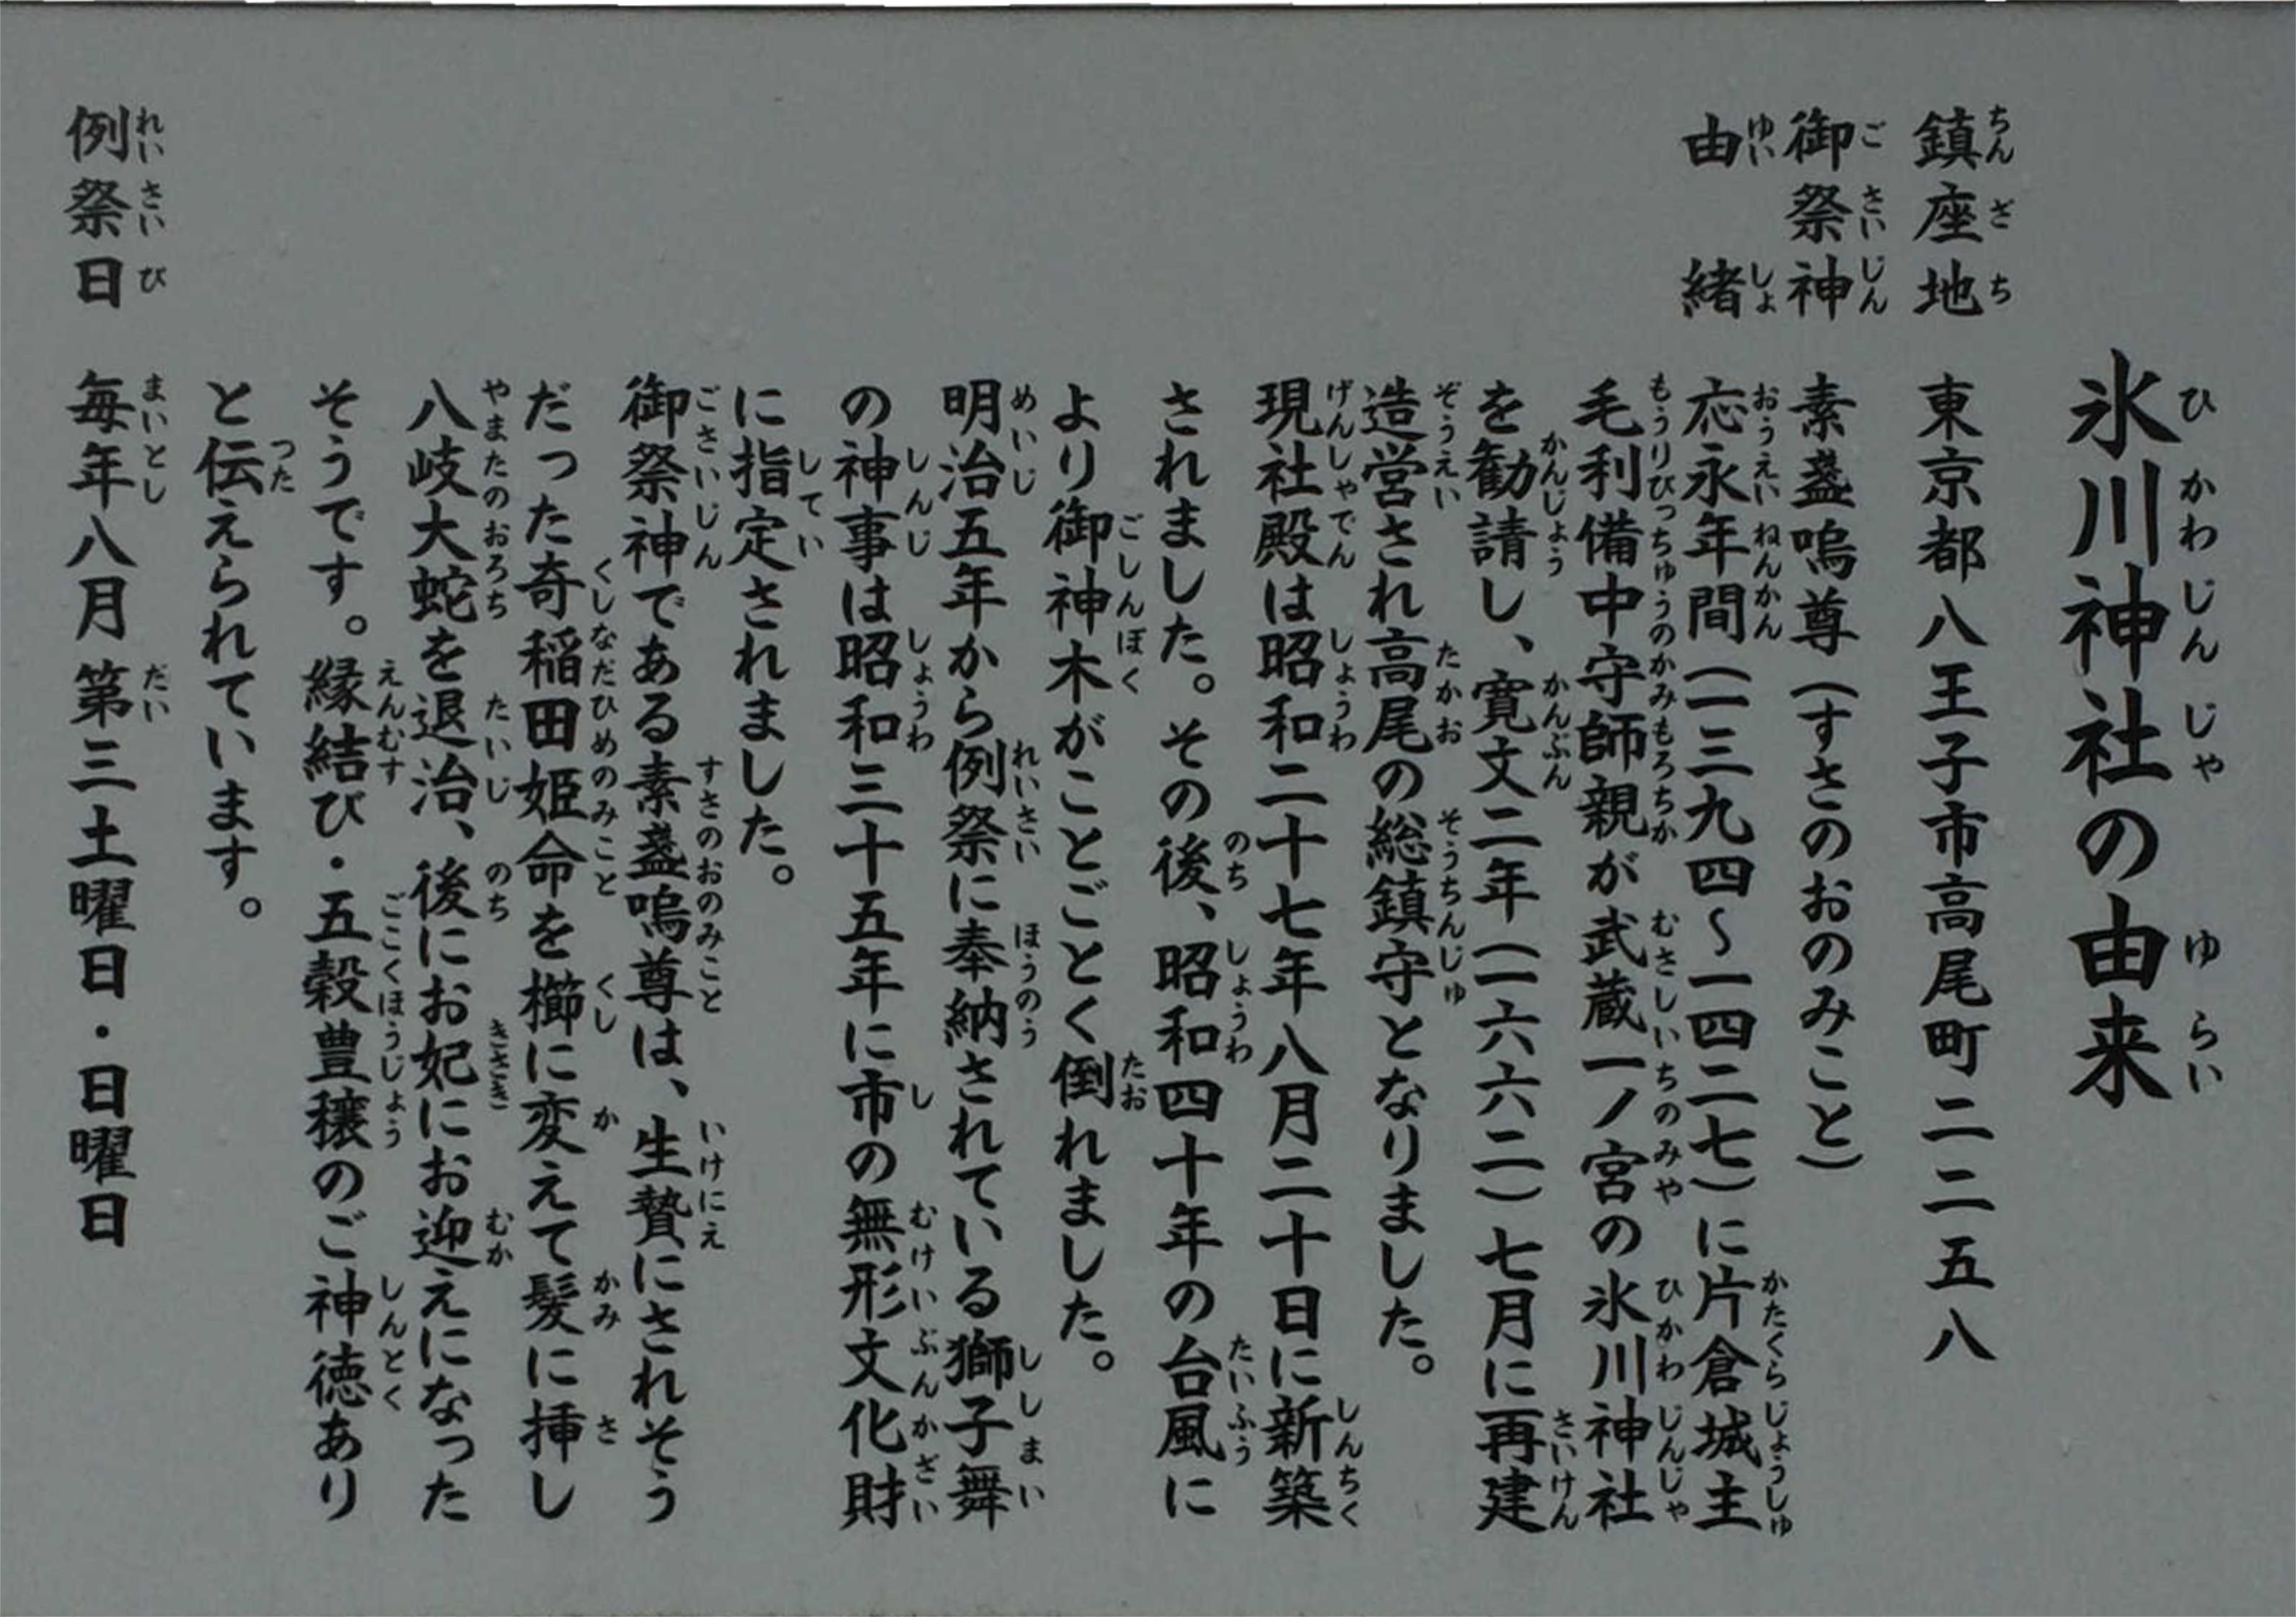 氷川(ひかわ)神社(じんじゃ)の由来(ゆらい)